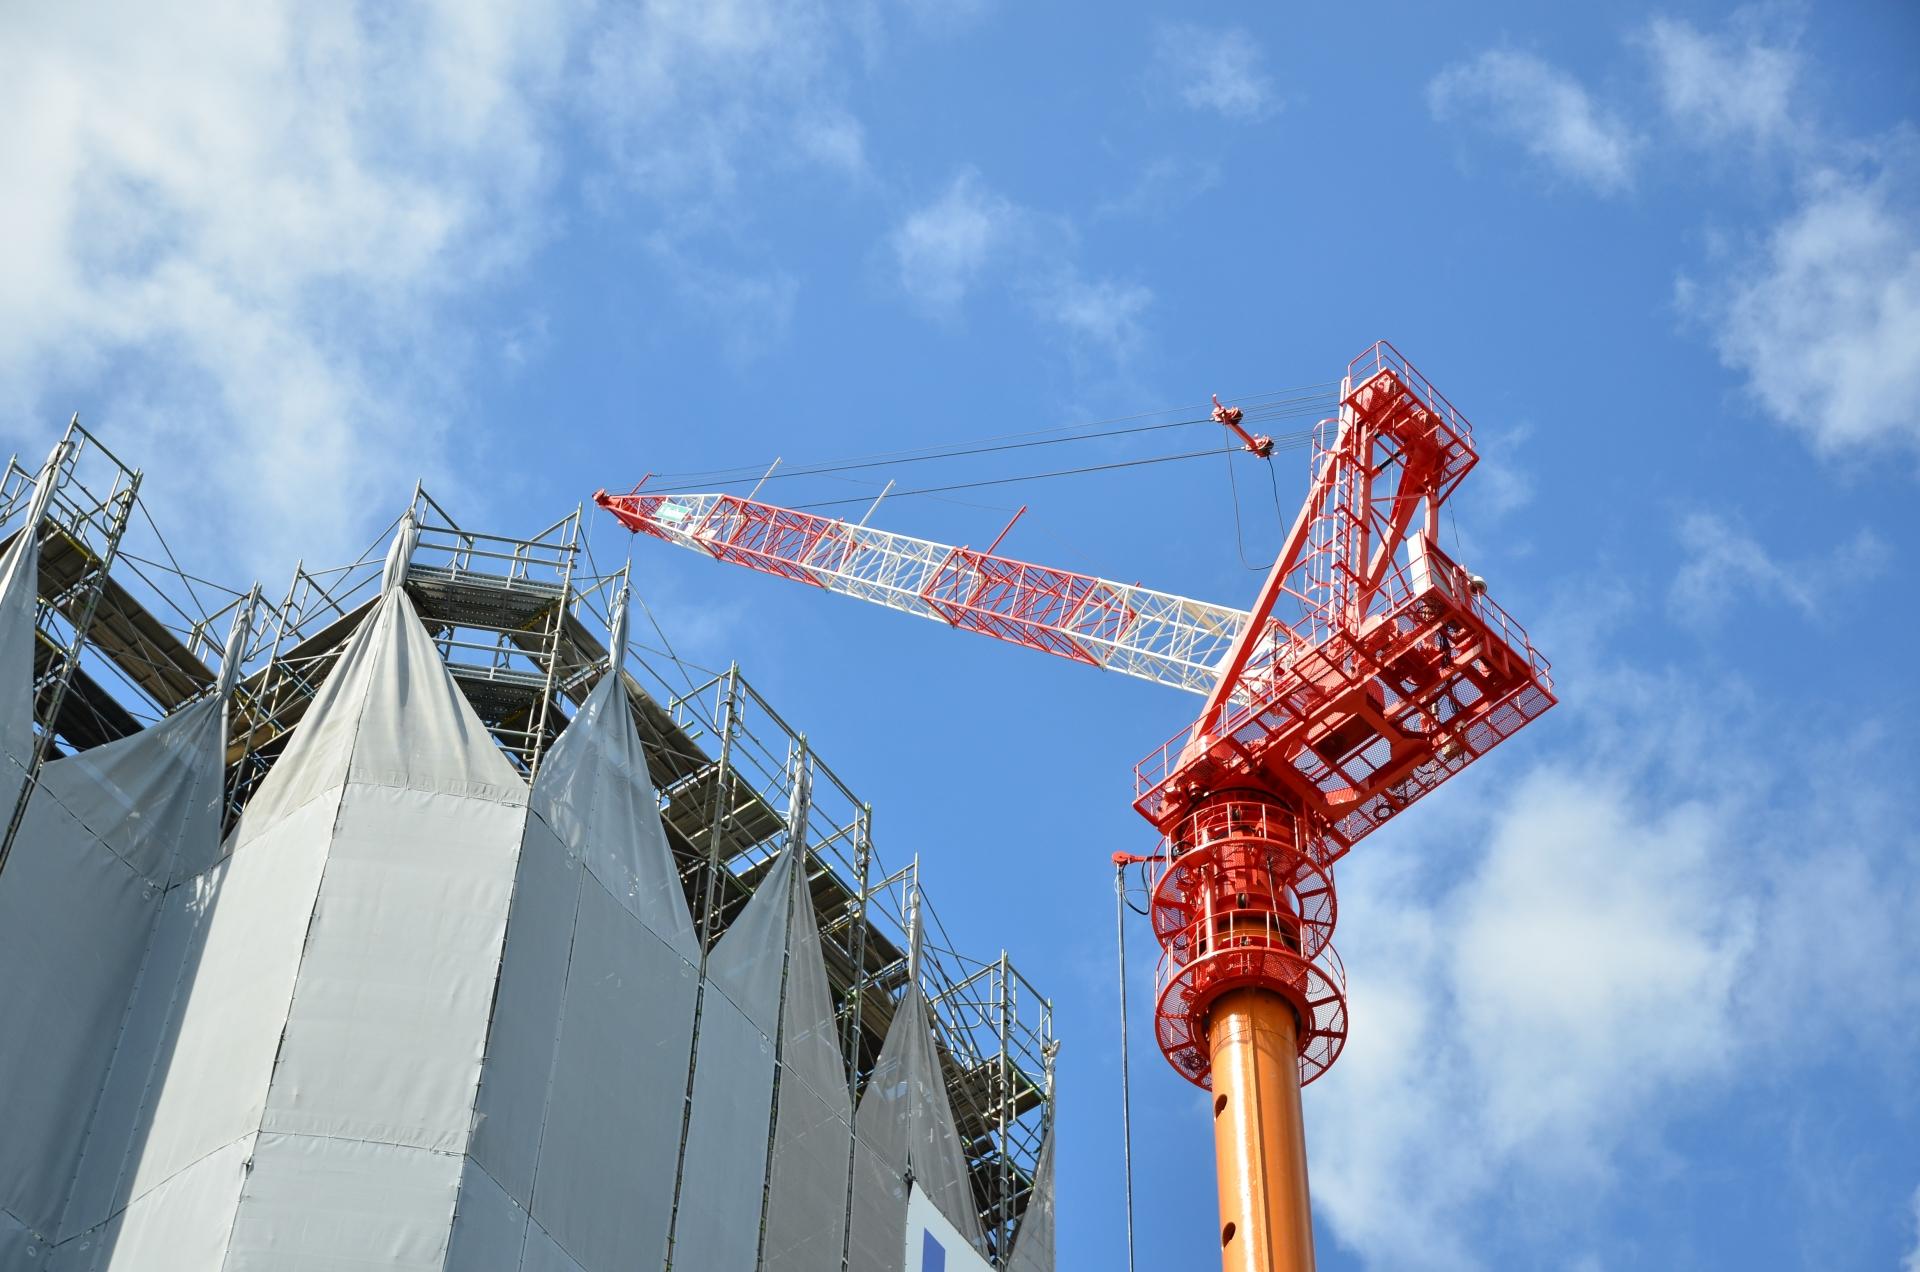 福井駅前にて巨大なクレーンでビルを建設中